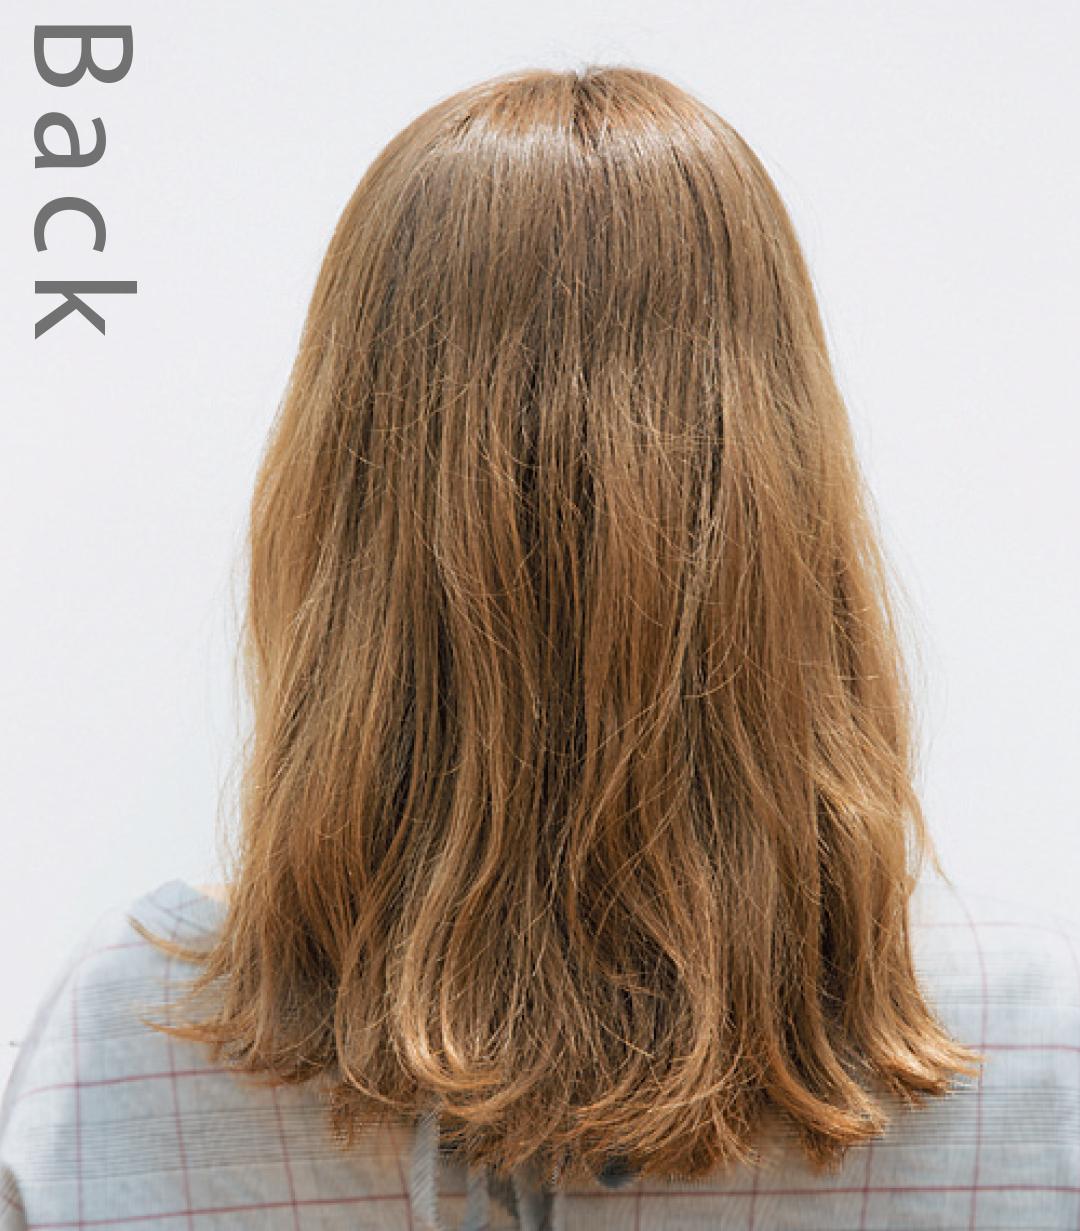 秋のヘアカラーは、トレンド服に似合うグレージュが正解!_1_2-2